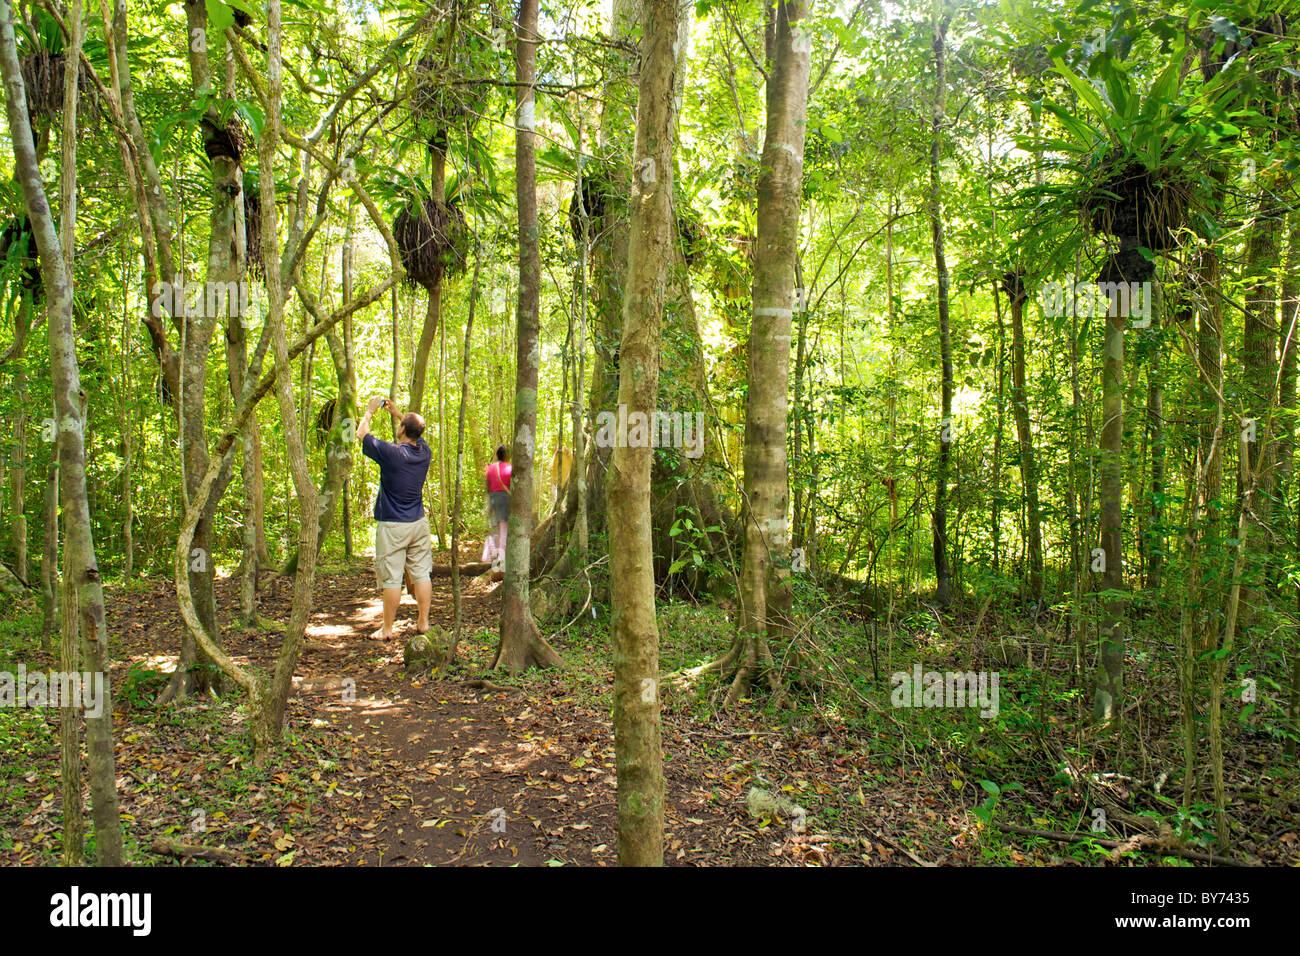 Turismo Palissander fotografare e alberi Eucalyptuse in Montagne d'Ambre parco nazionale nel nord del Madagascar. Immagini Stock